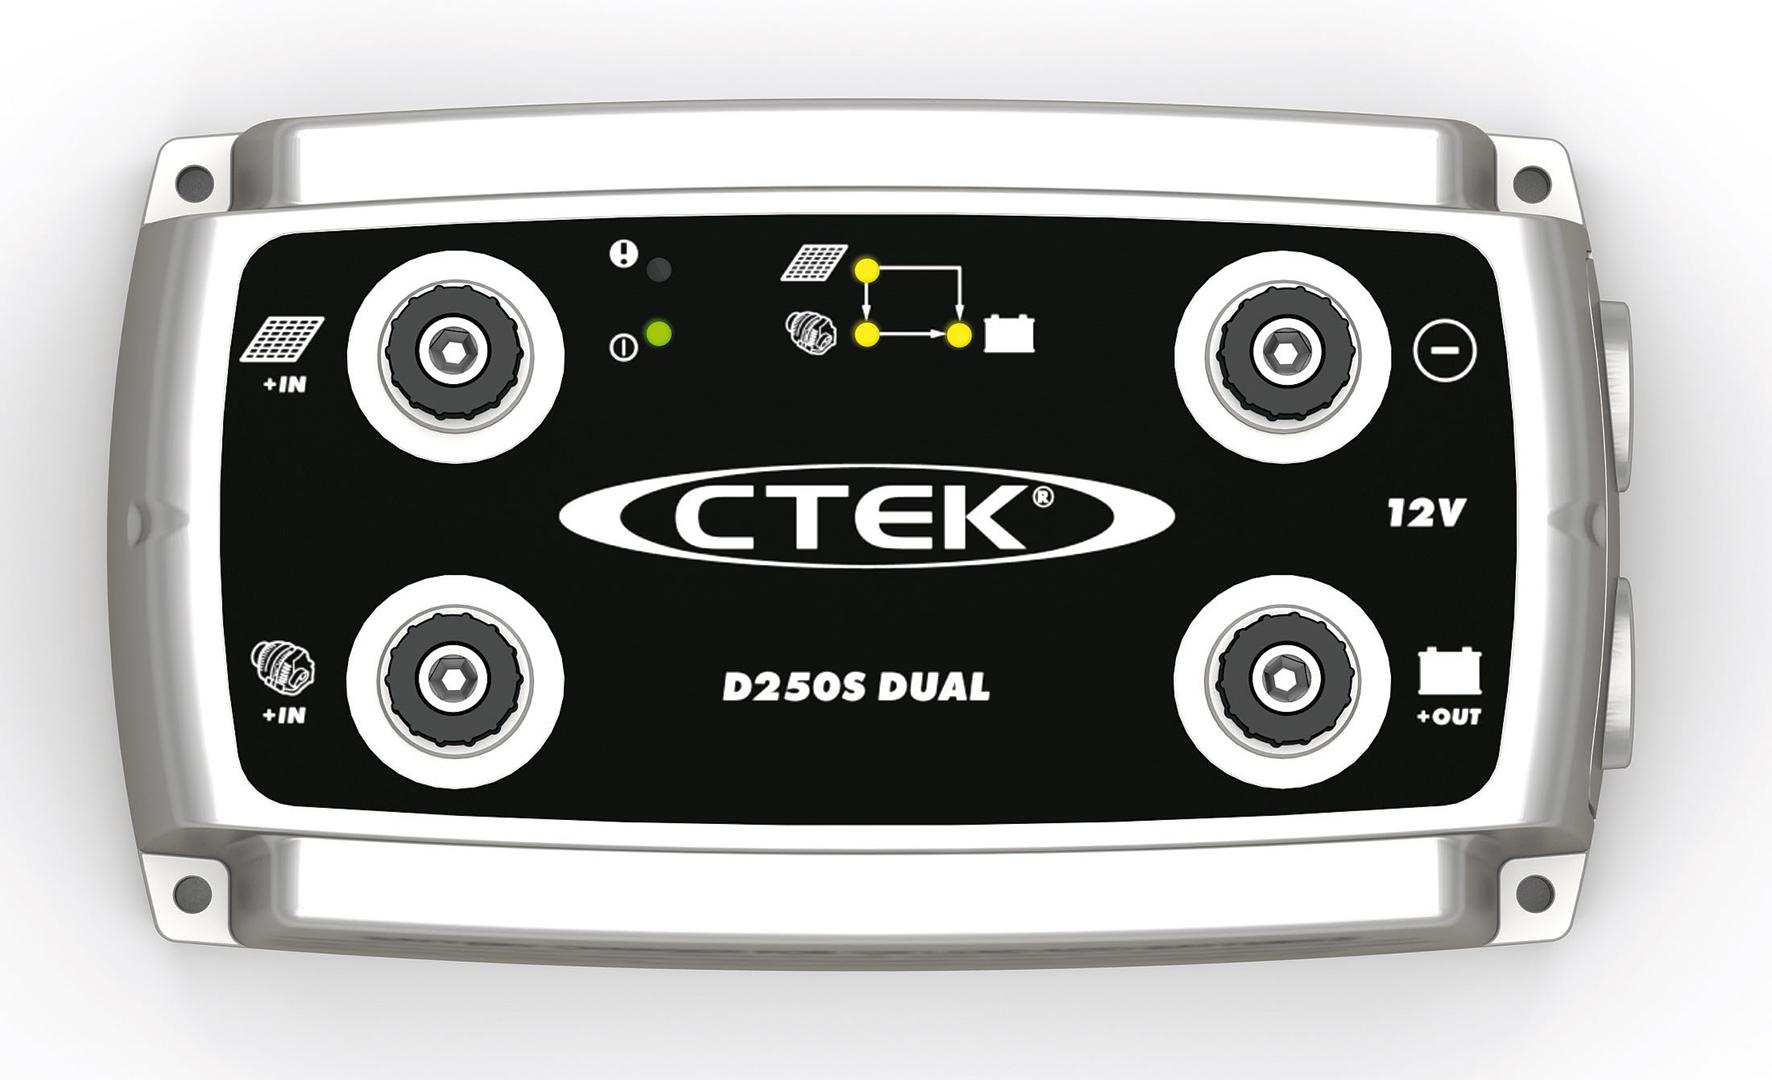 เครื่องชาร์จแบตเตอรี่อัจฉริยะ CTEK รุ่น D250S DUAL